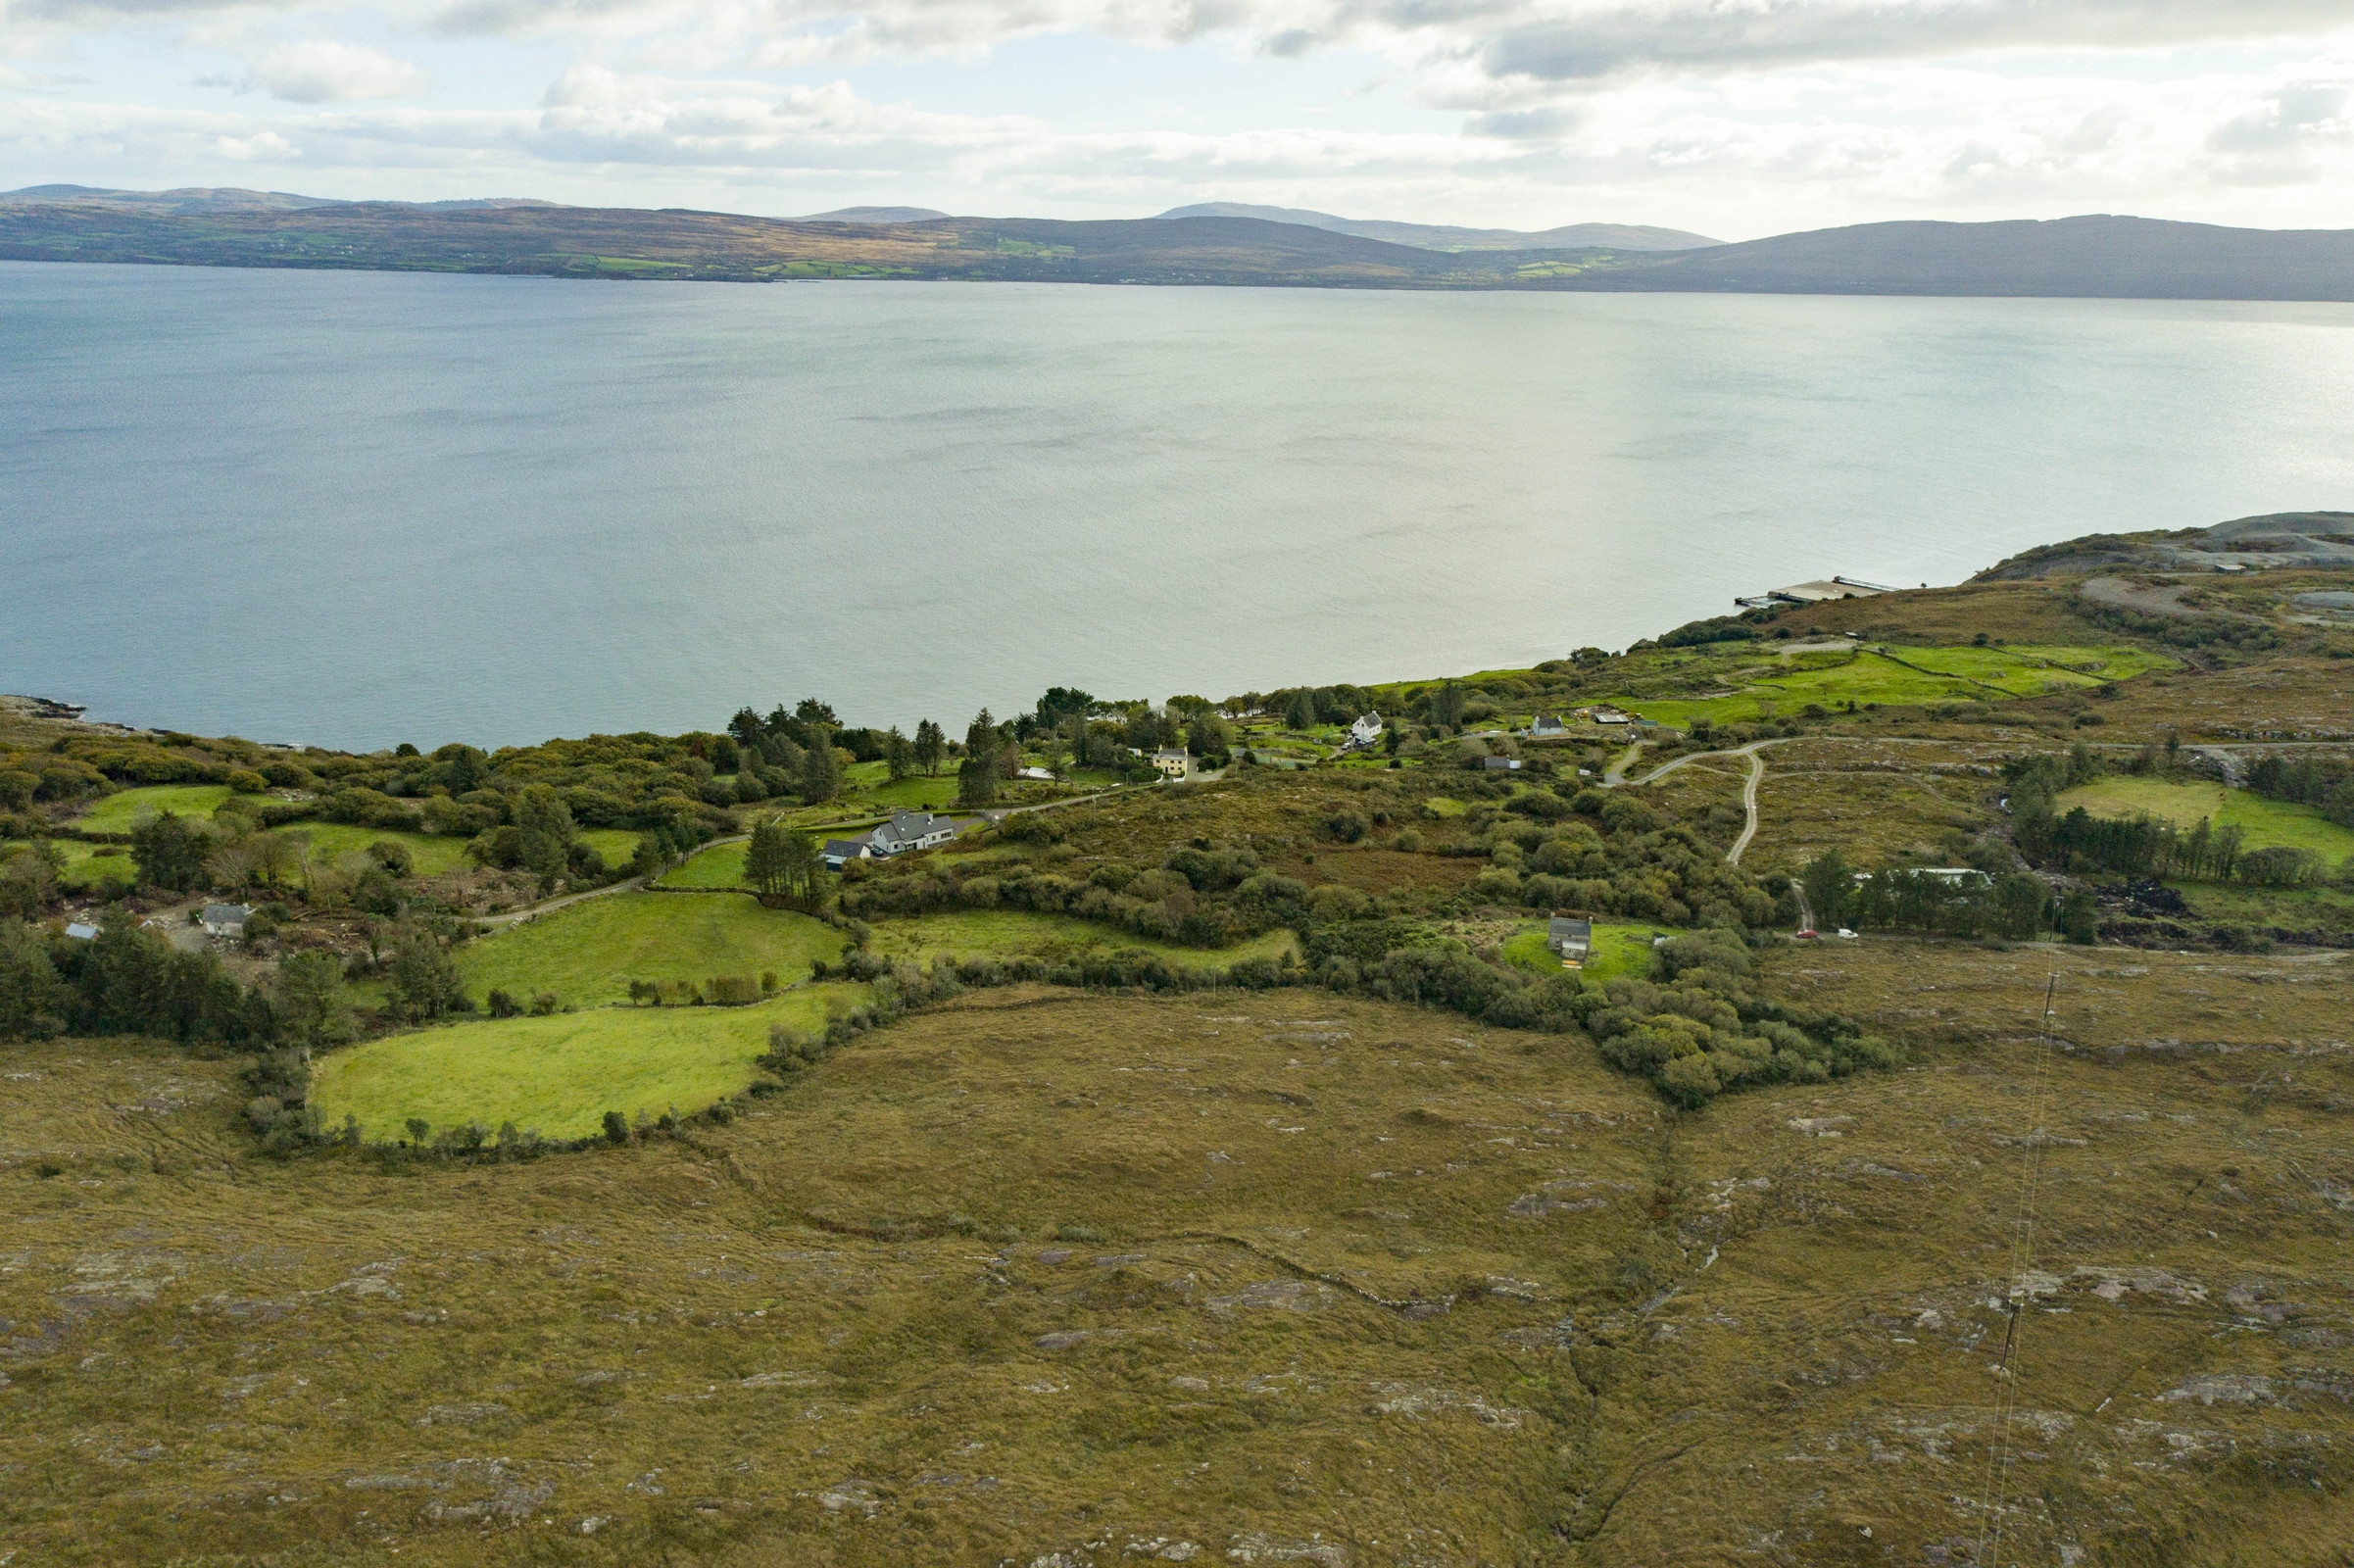 Leahill, Adrigole, Co. Cork